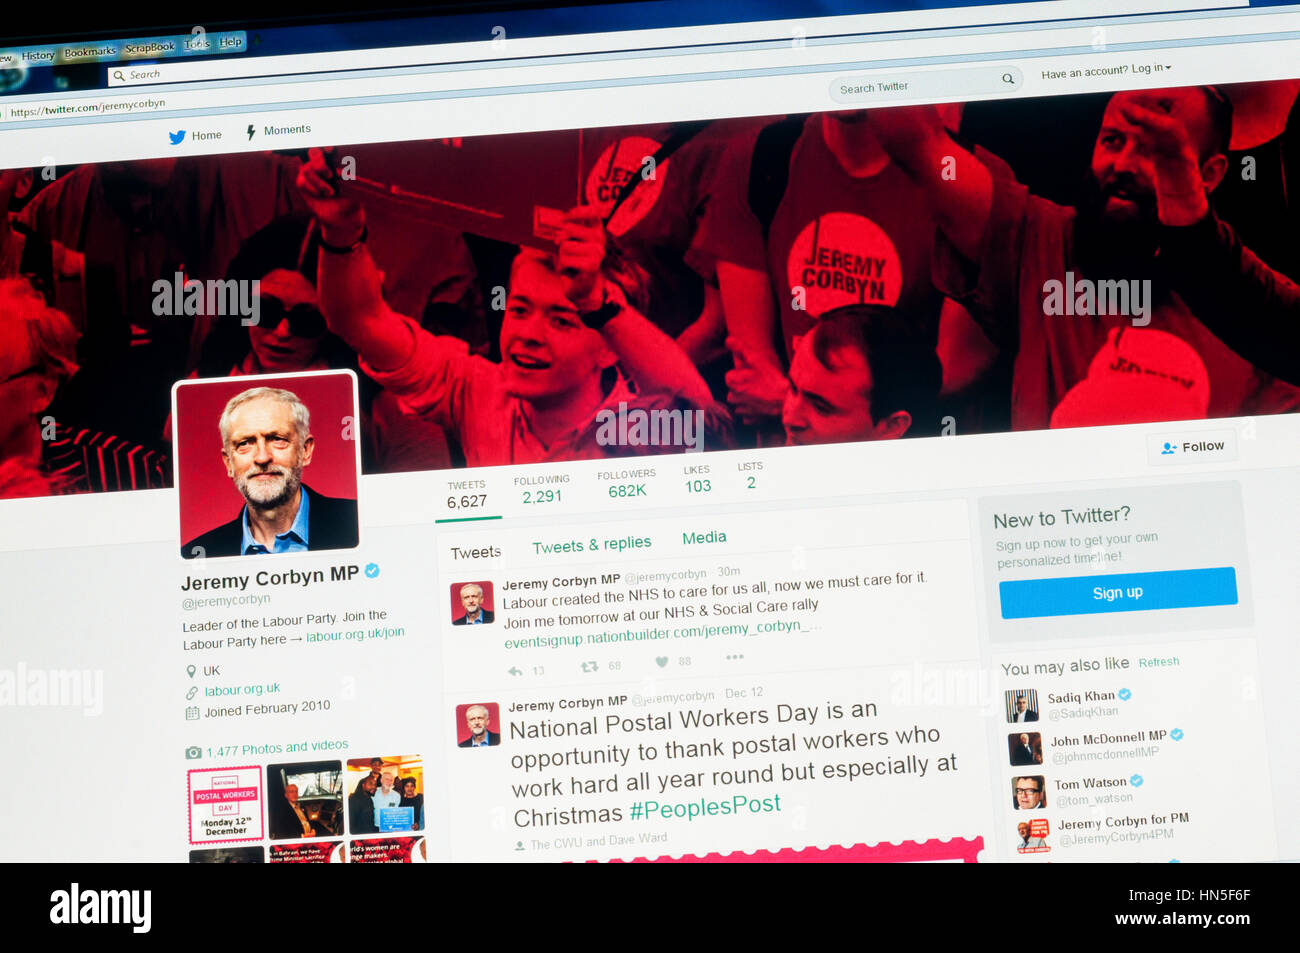 Le compte twitter de Jeremy Corbyn, le chef du parti travailliste et chef de l'opposition. Photo Stock